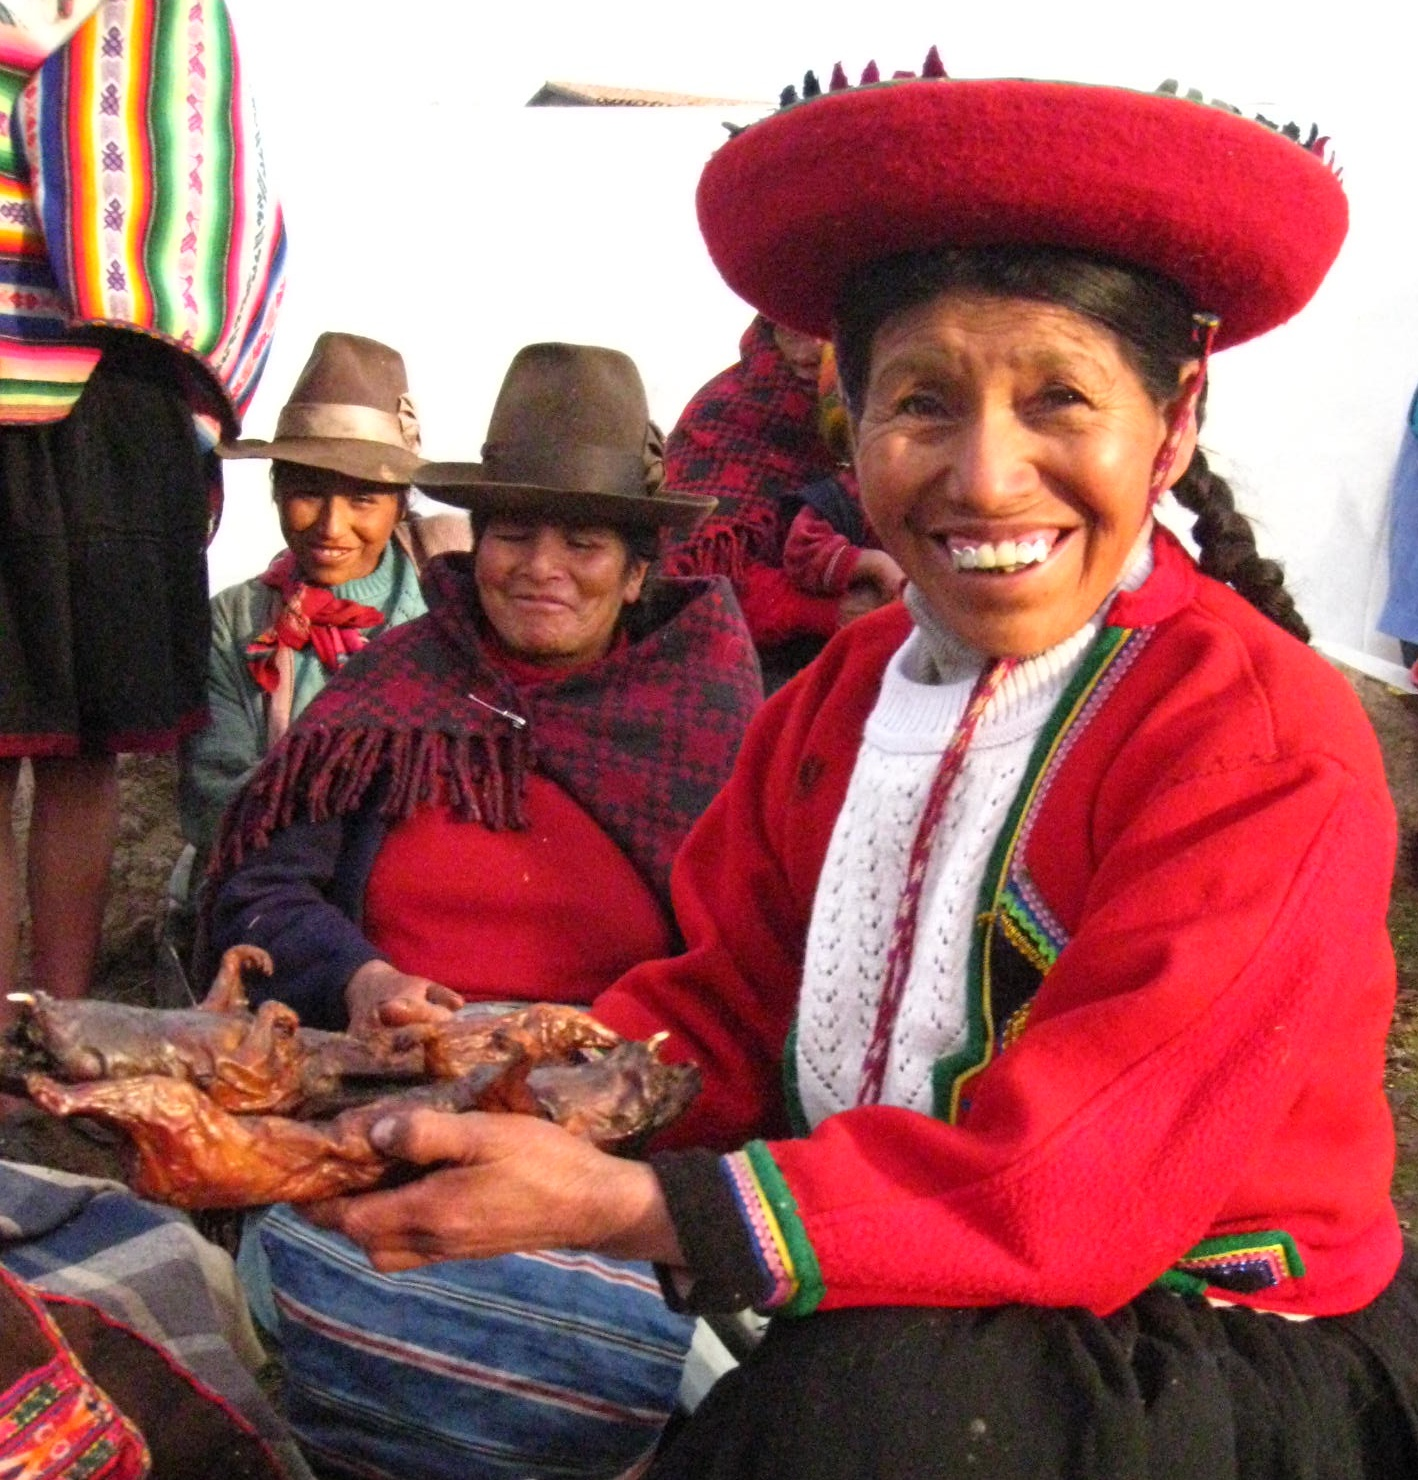 Umasbamba-community-cuy.jpg